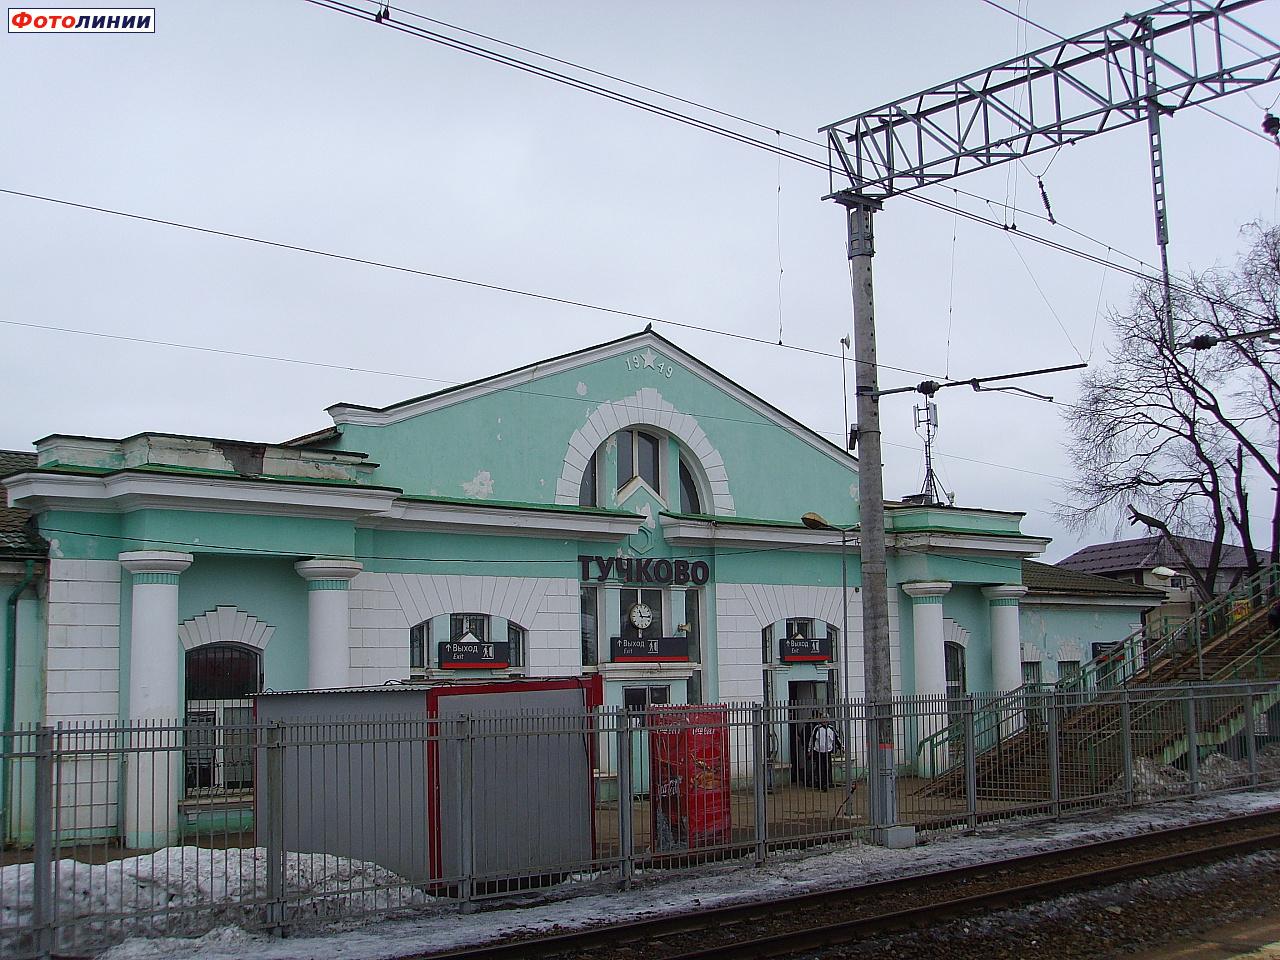 отличие других тучково московская область фото тамроном разницы увидела